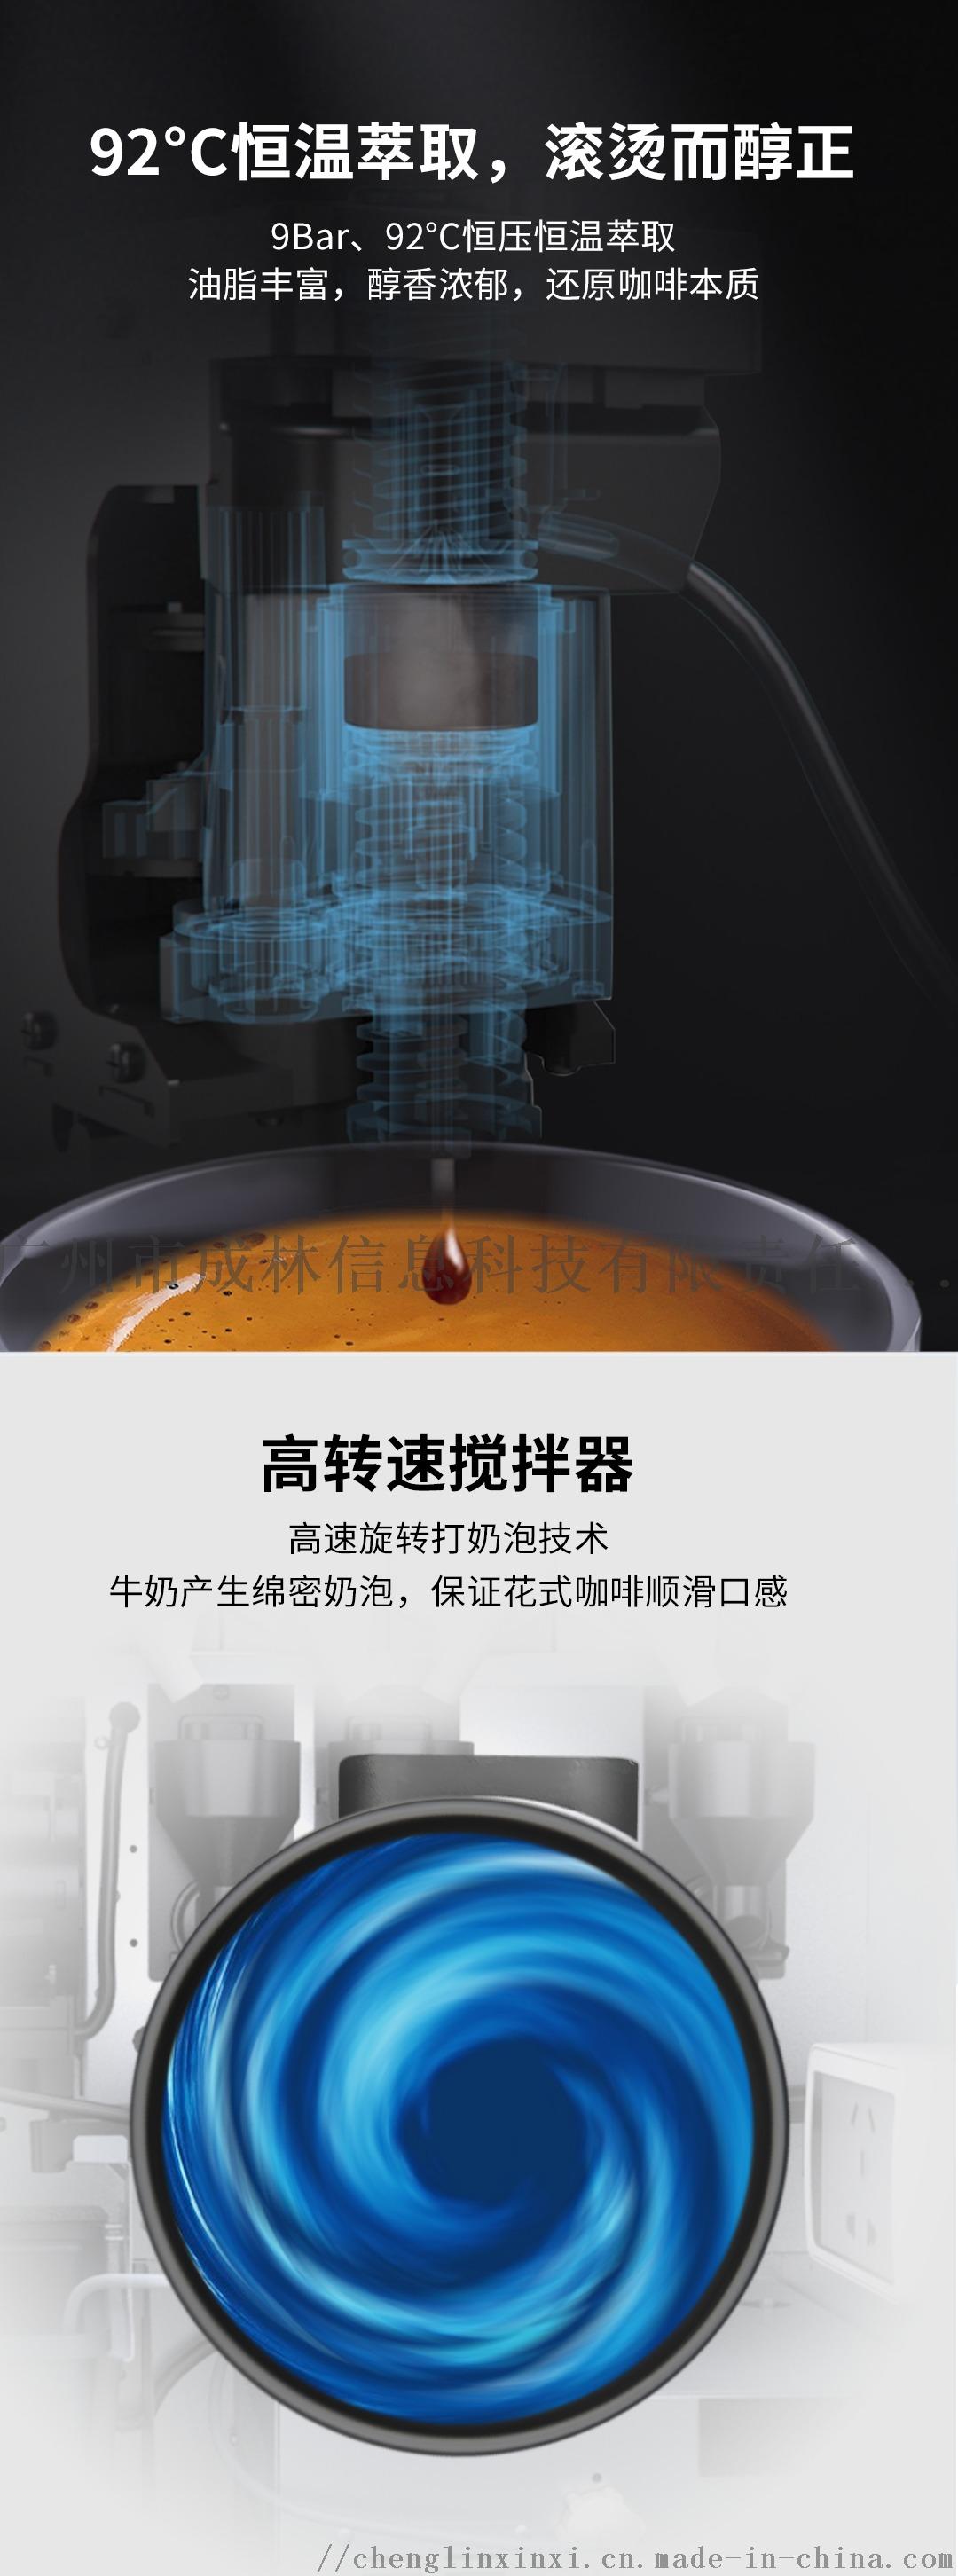 七天悦享商用咖啡机 全自动现磨咖啡机143291925